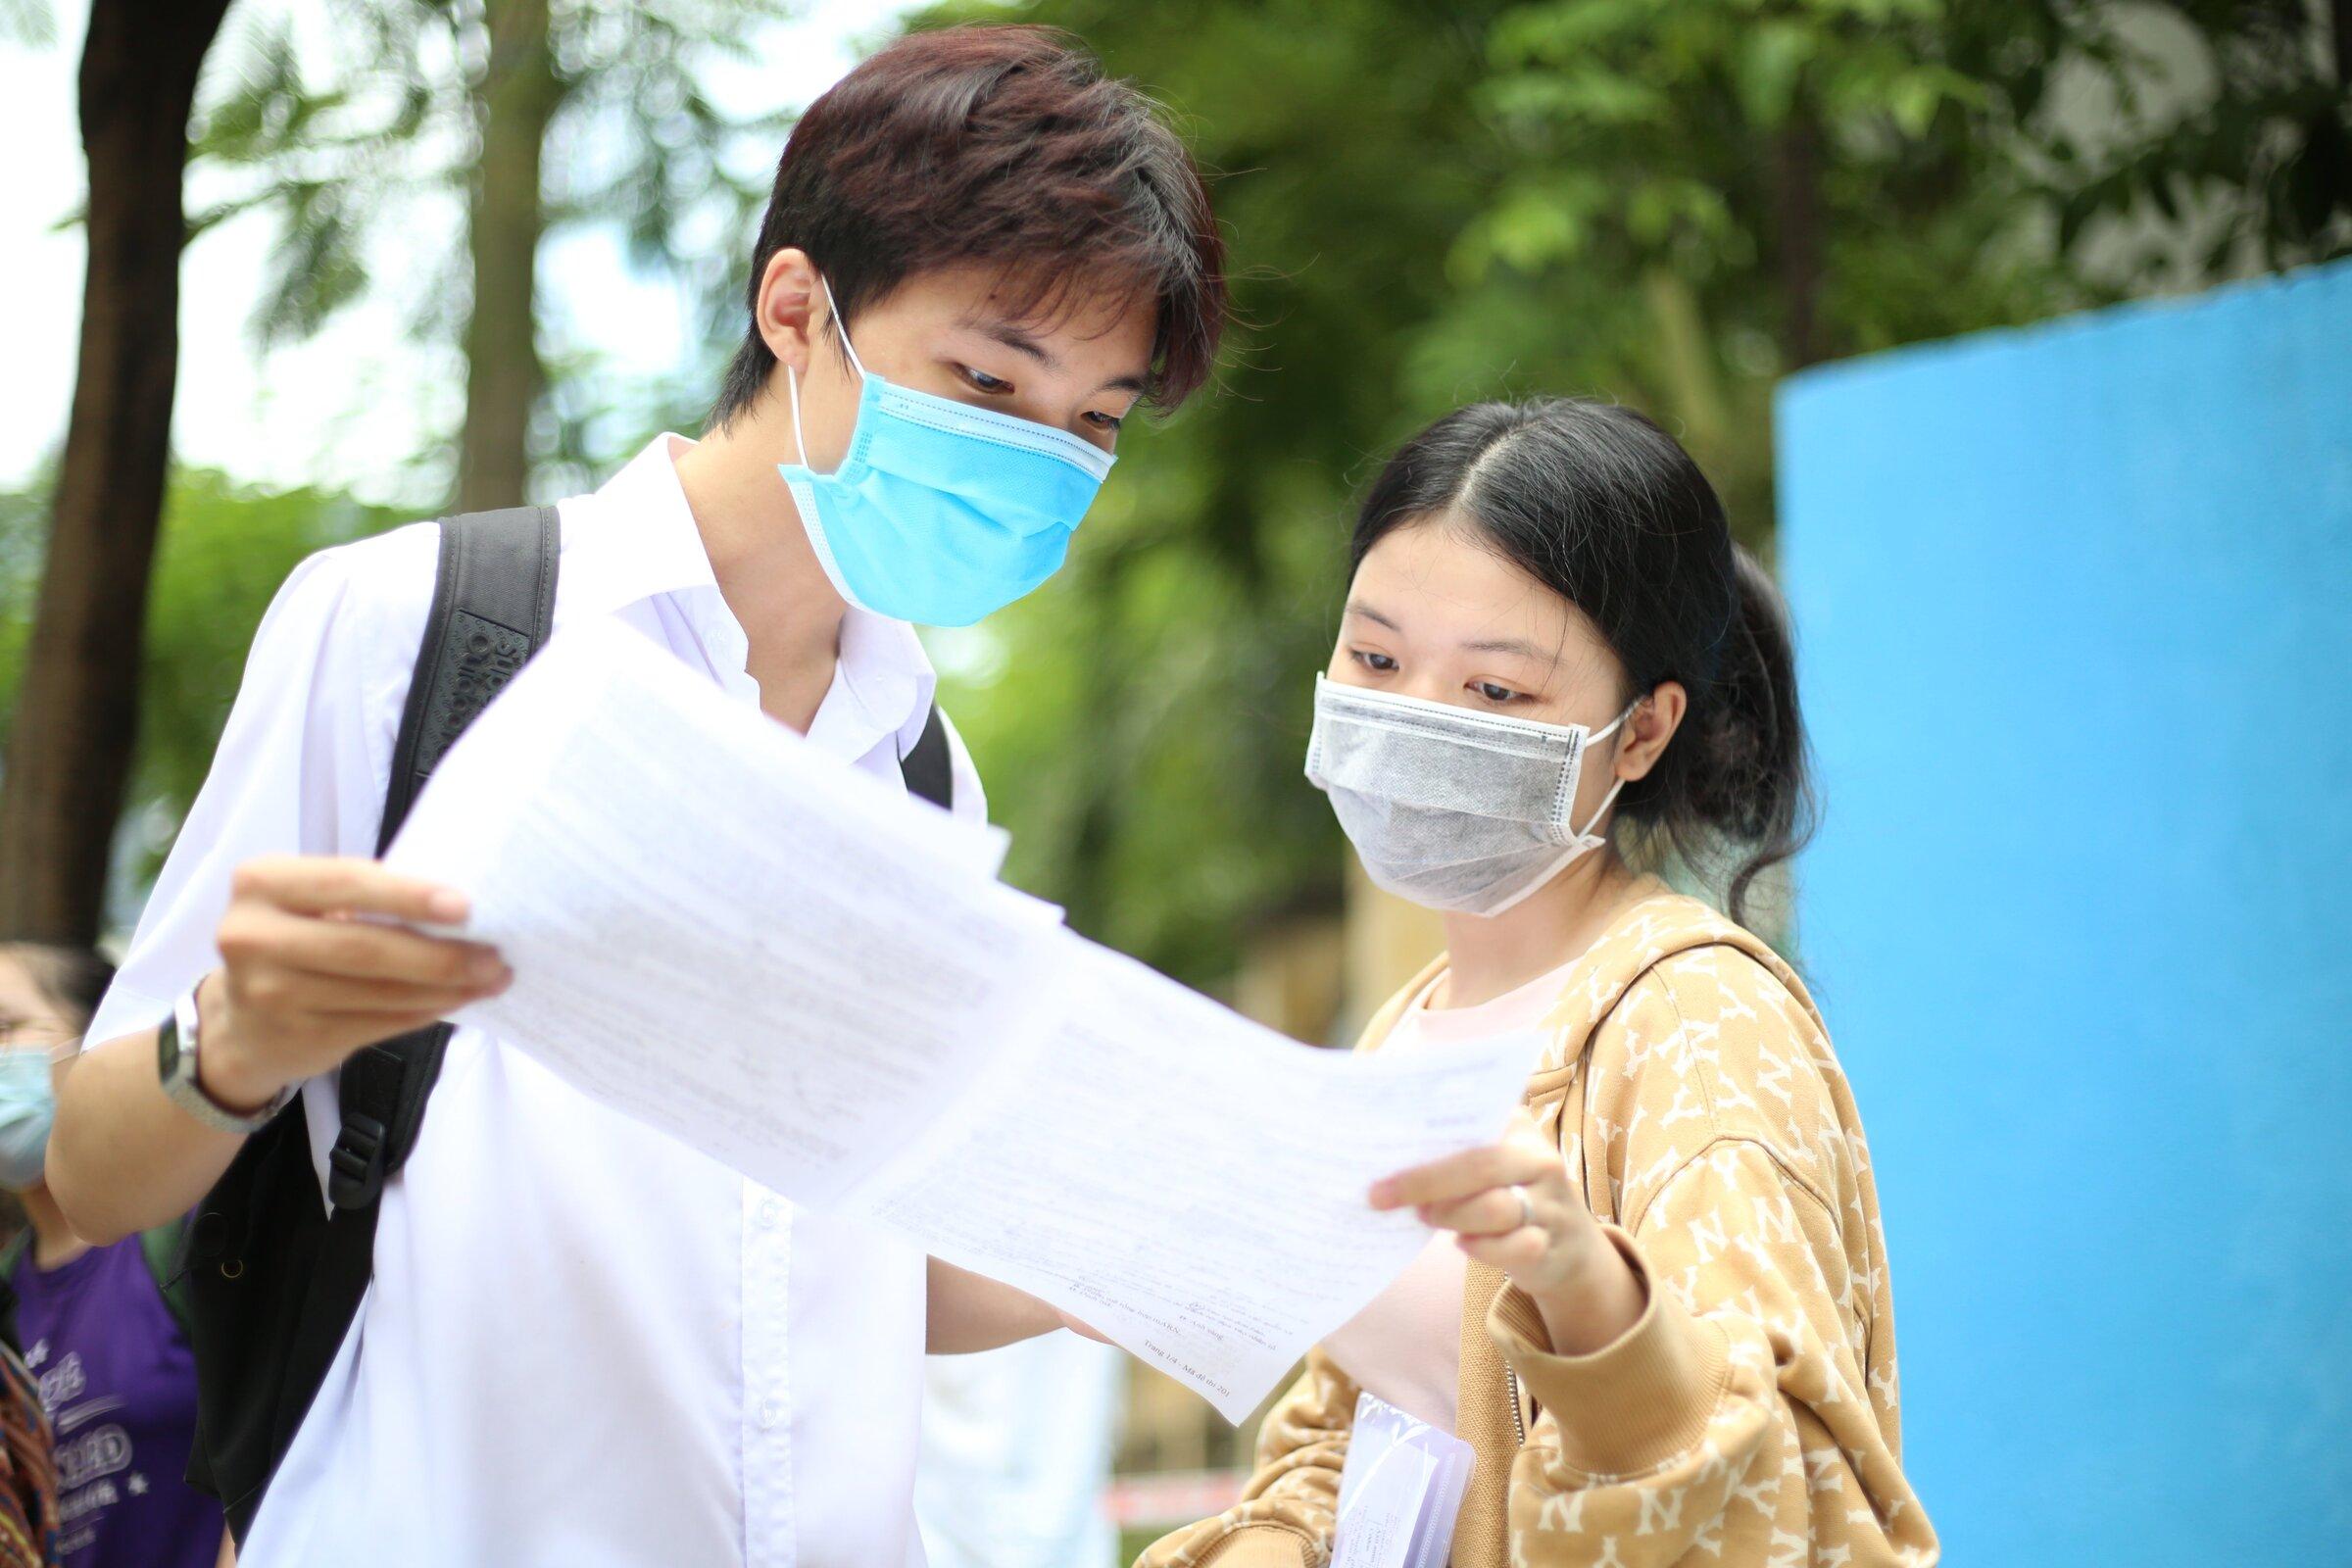 Thí sinh Đà Nẵng dự kỳ thi tốt nghiệp THPT đợt 1 hồi đầu tháng 8. Ảnh: Nguyễn Đông